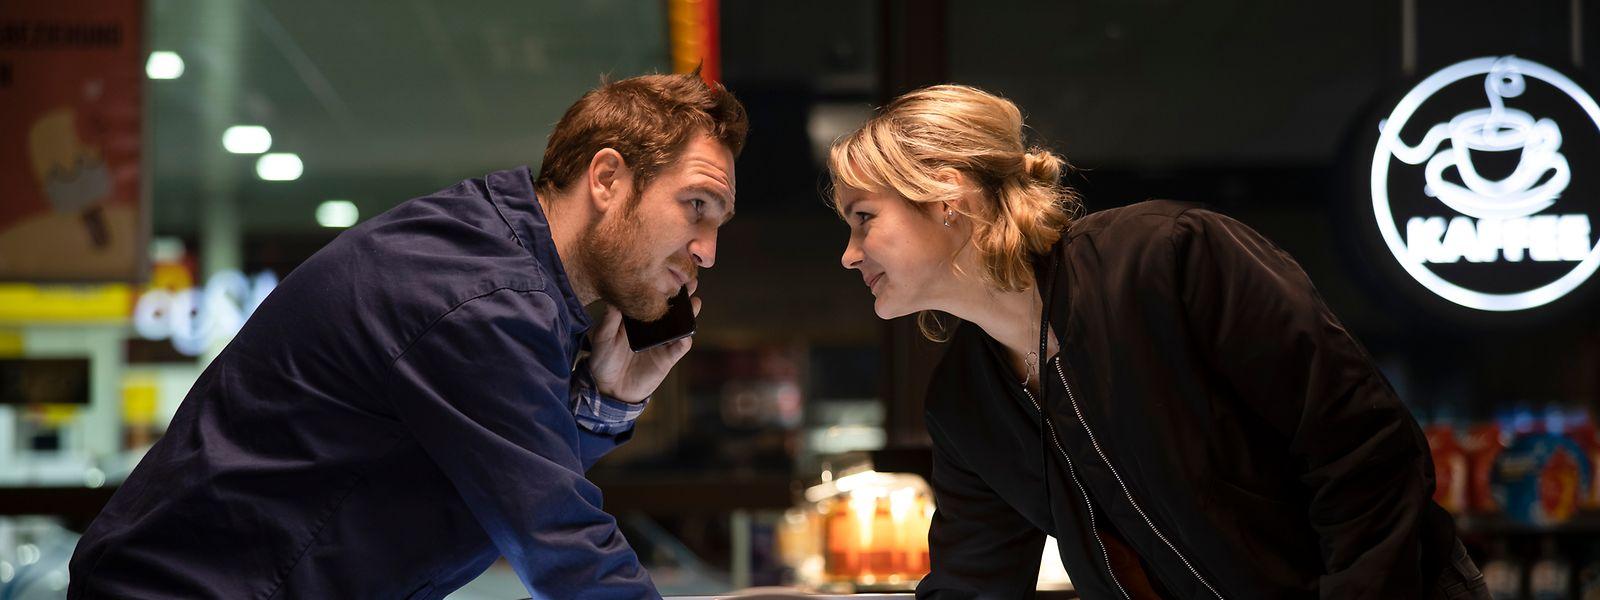 """Luise Heyer (r.) als Ghost und Frederick Lau als ihr männlicher Konterpart in einer Szene des Films """"Generation Beziehungsunfähig""""."""